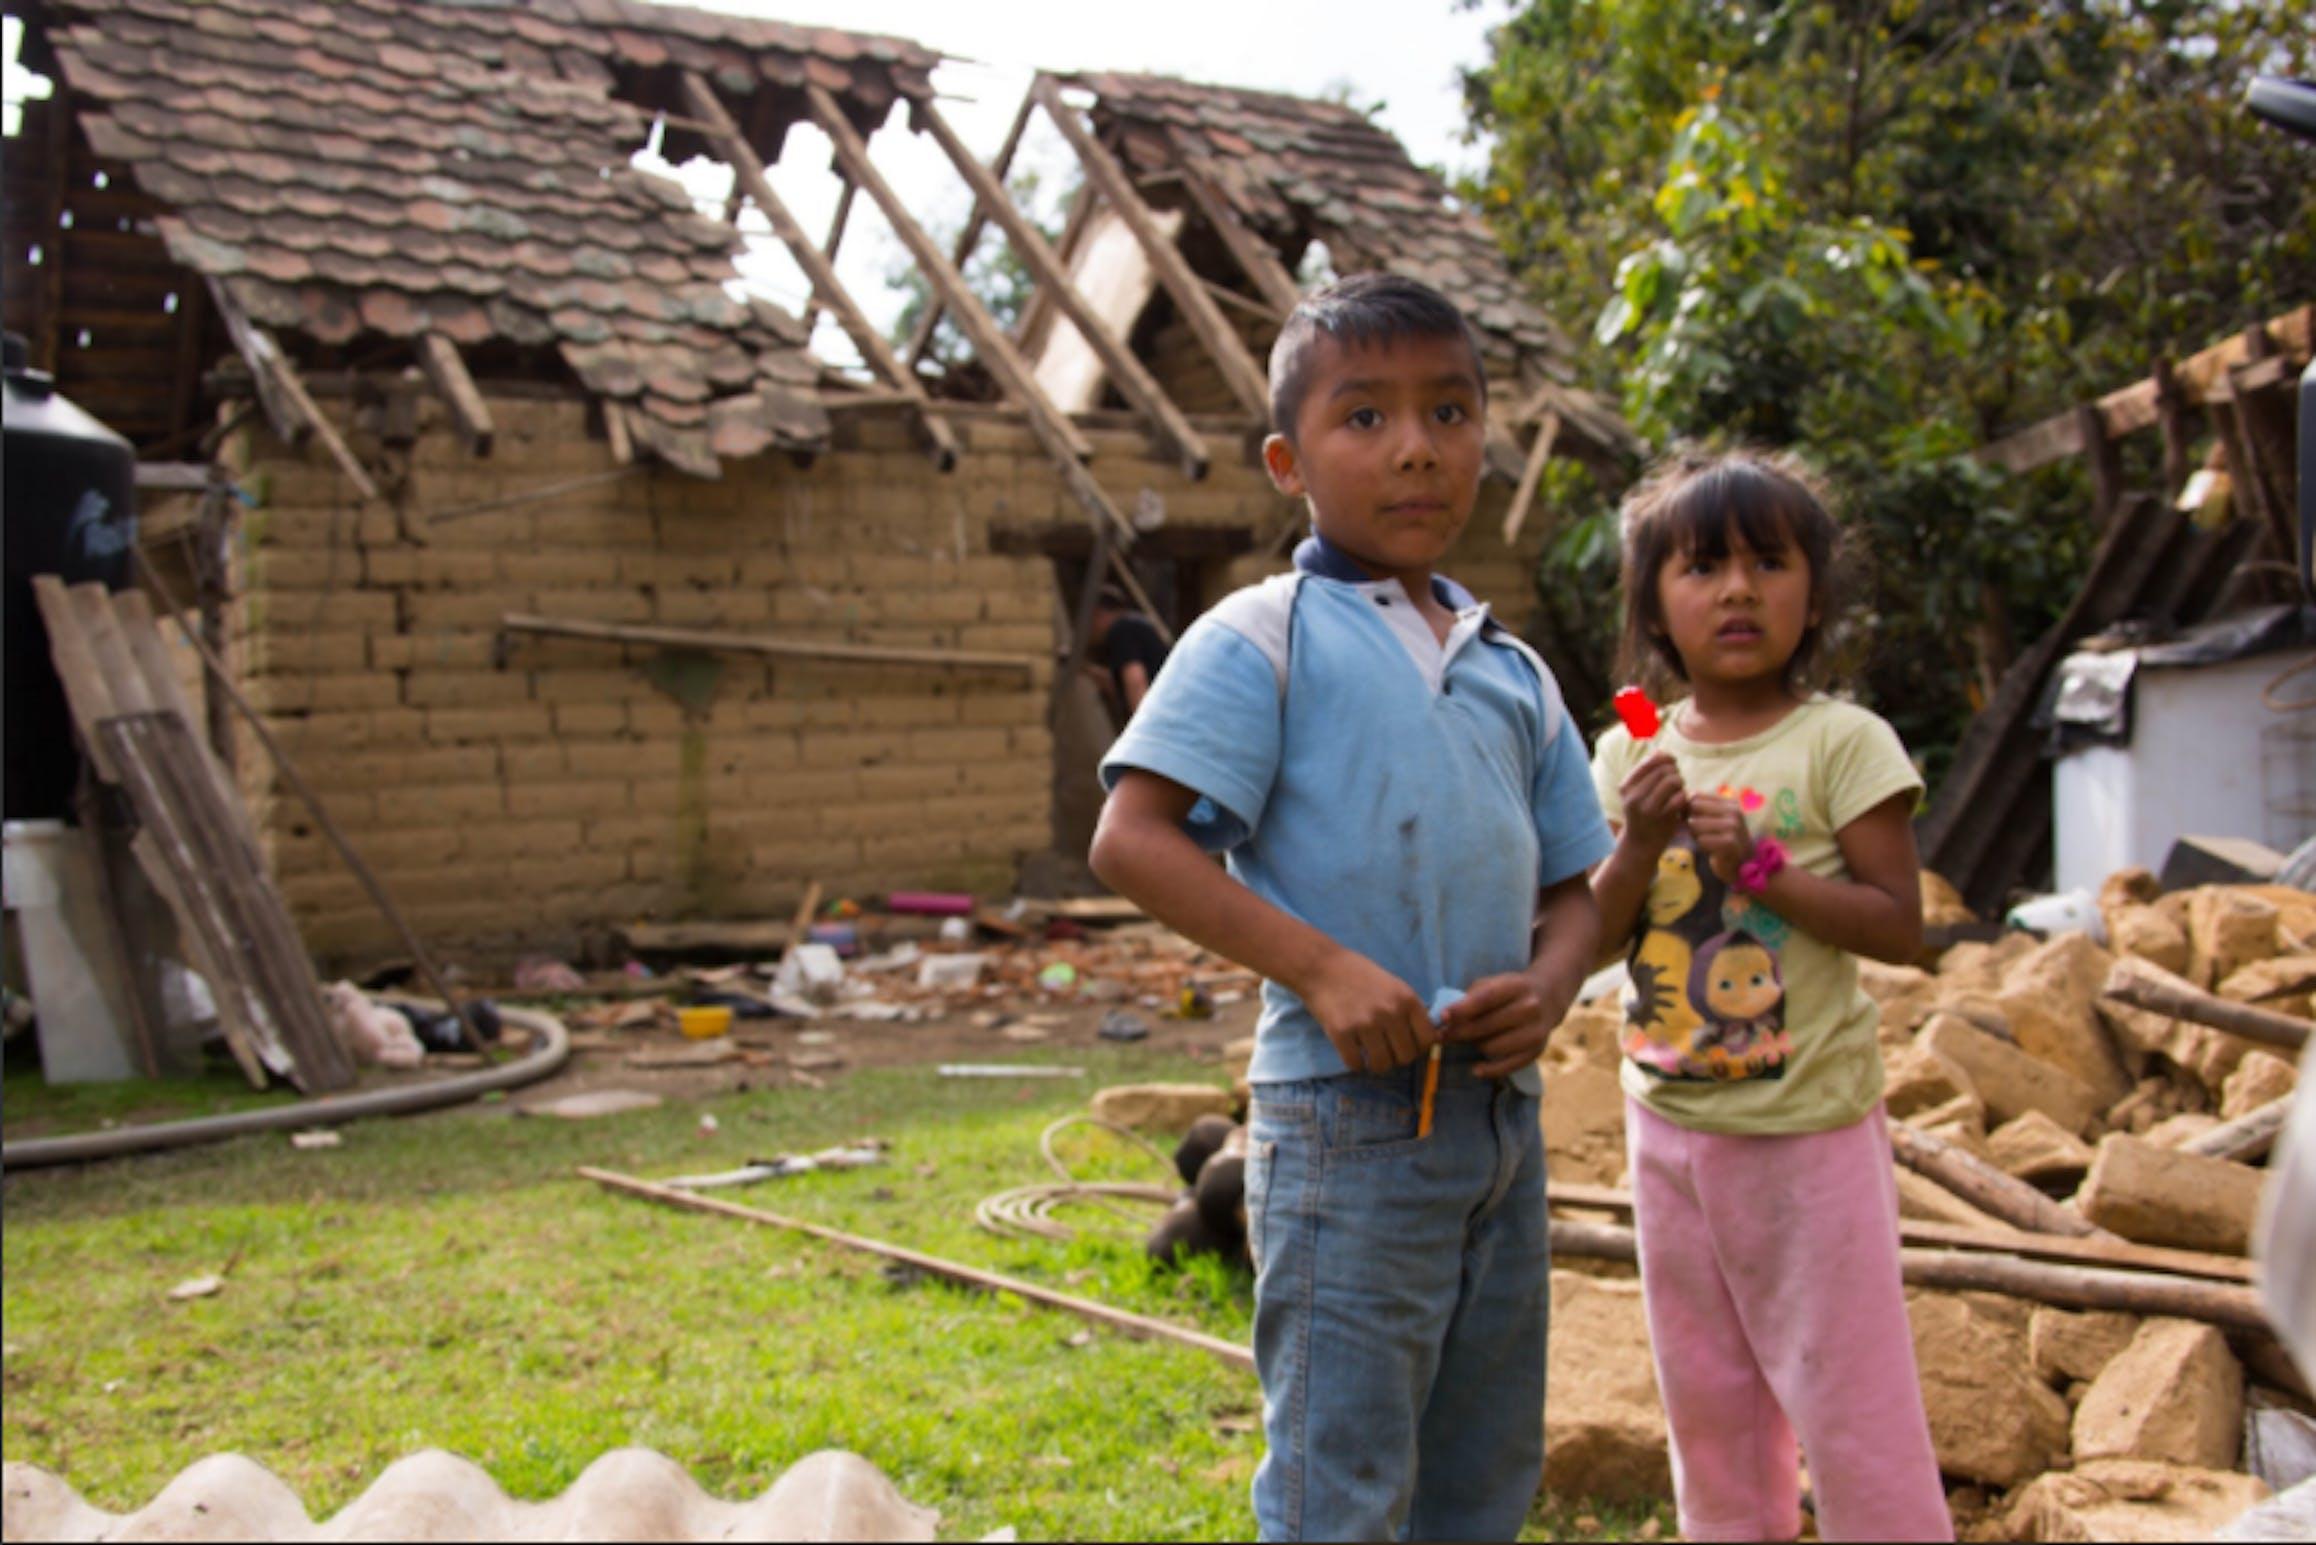 In Messico sono 7 milioni i bambini che vivono in aree colpite dai terremoti dell'8 e 19 settembre - ©UNICEF Mexico/2017